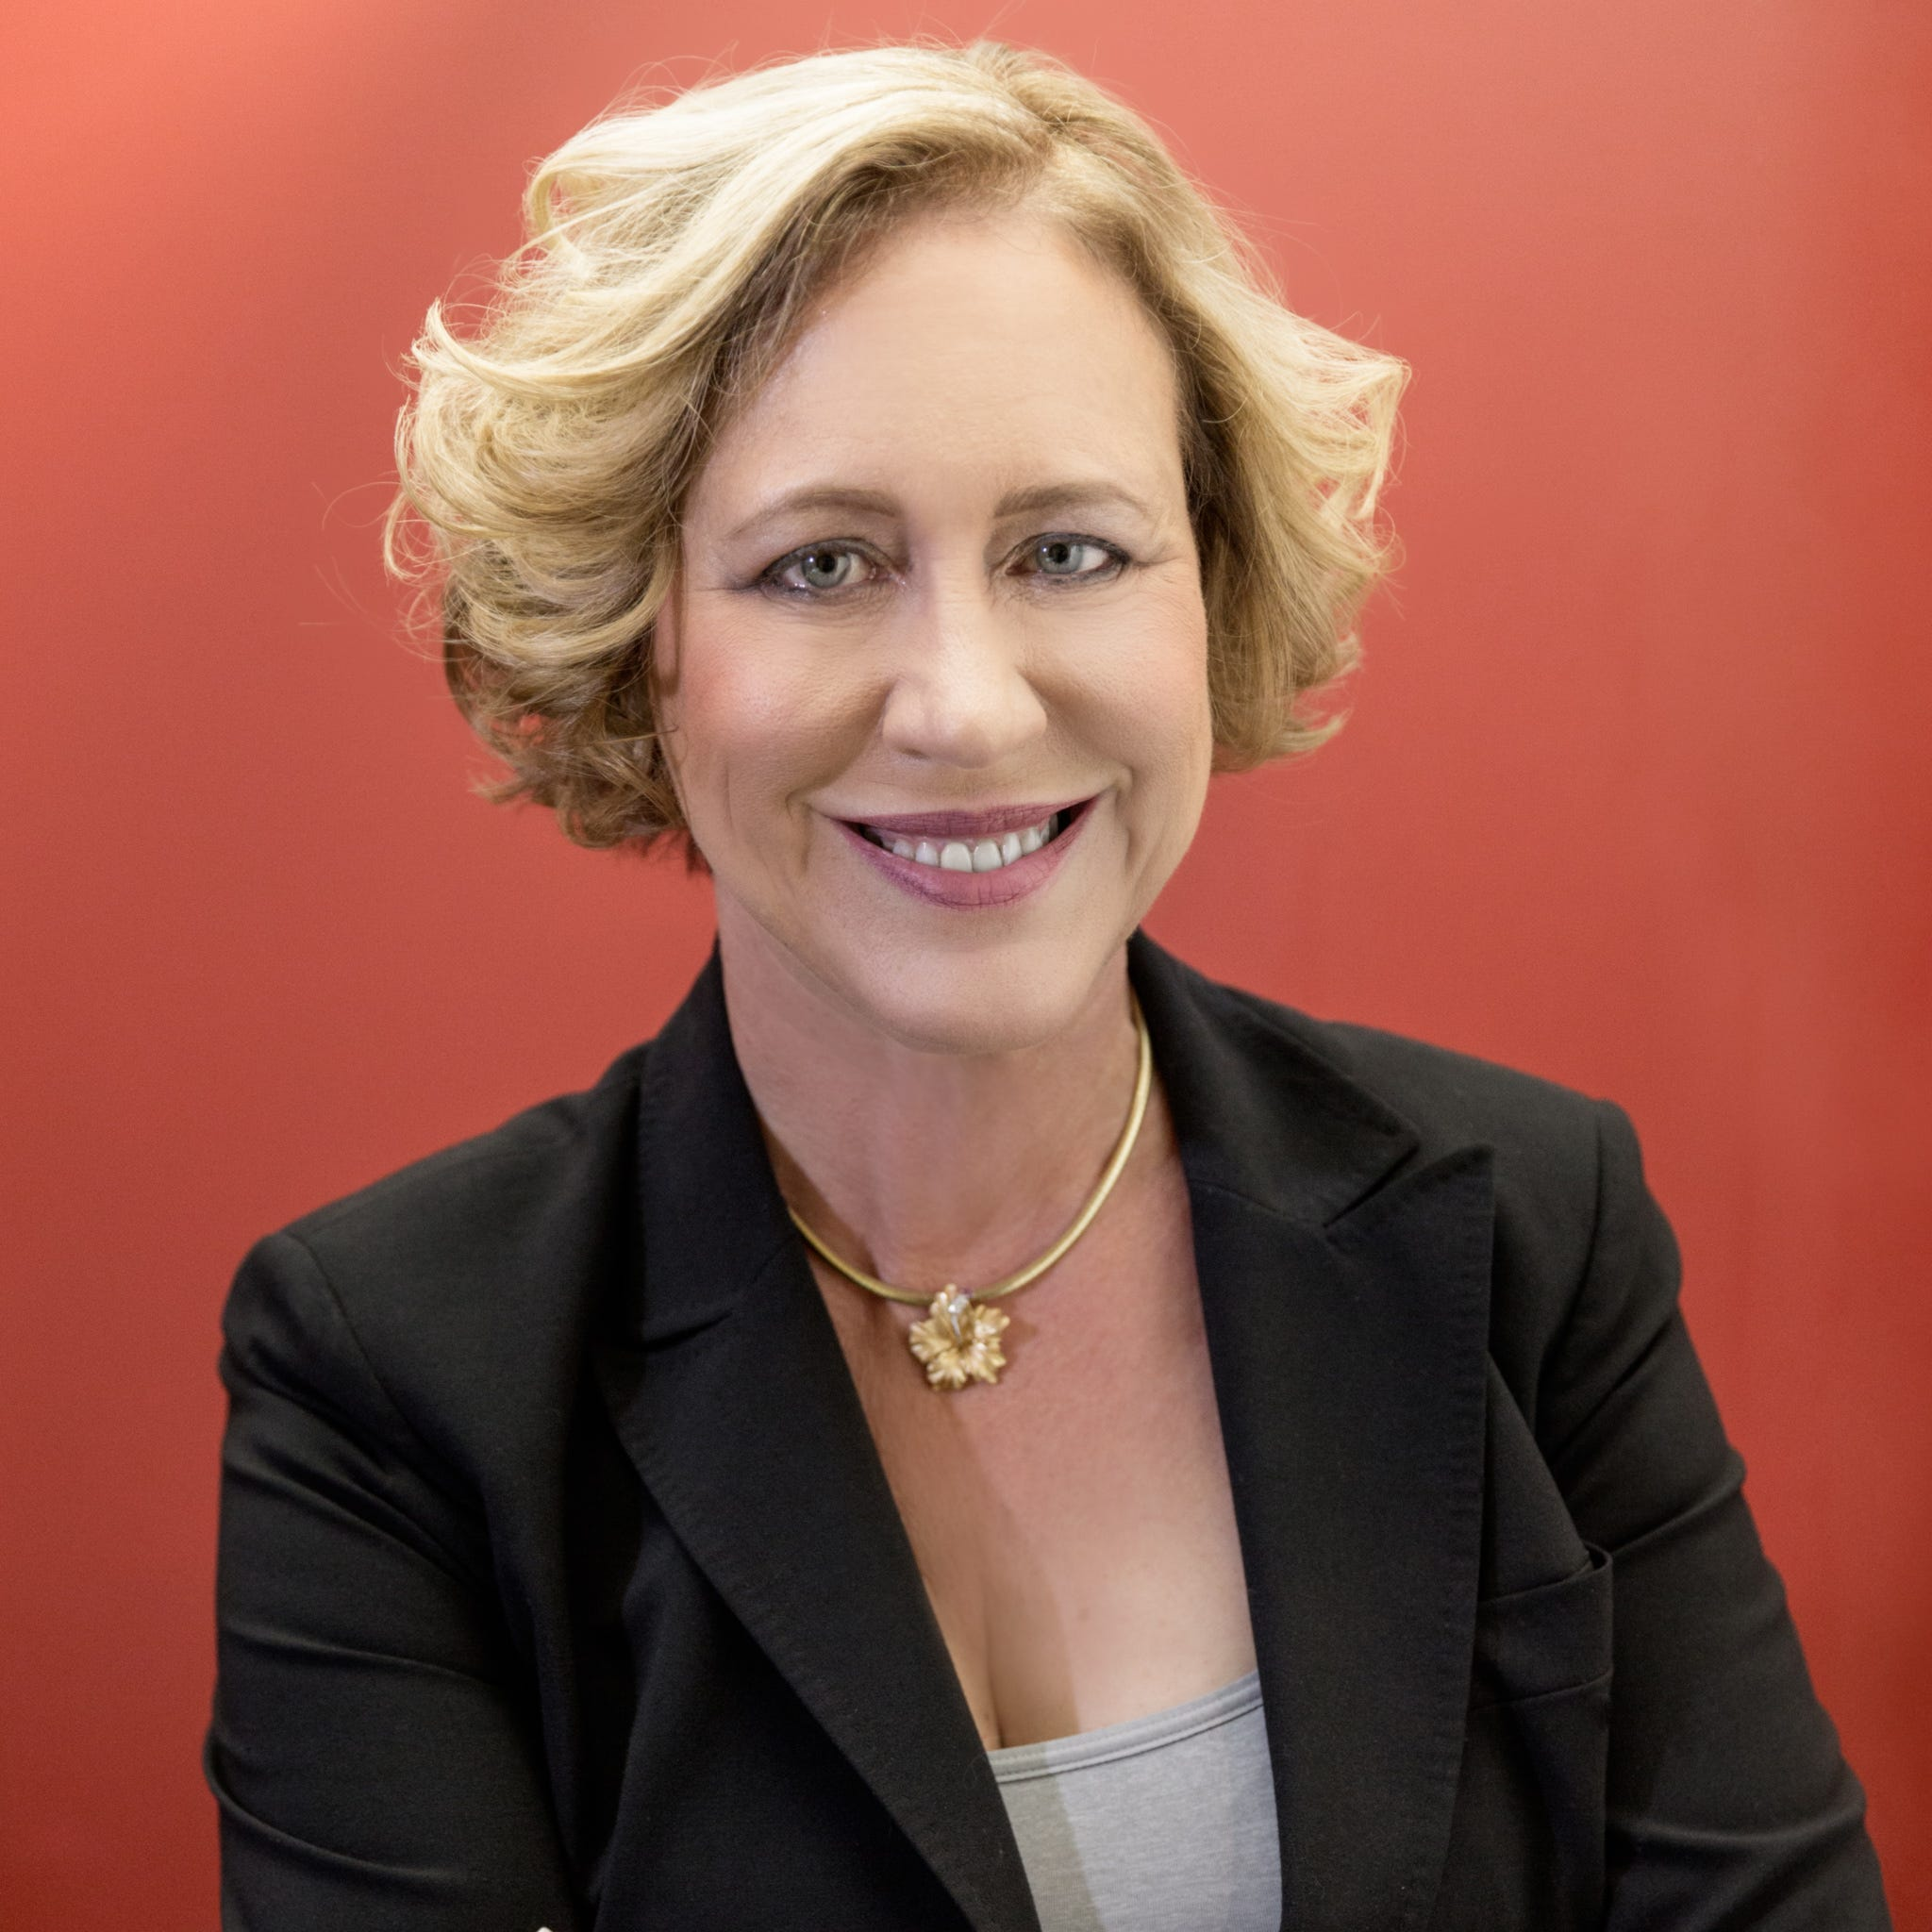 Kerstin Richter